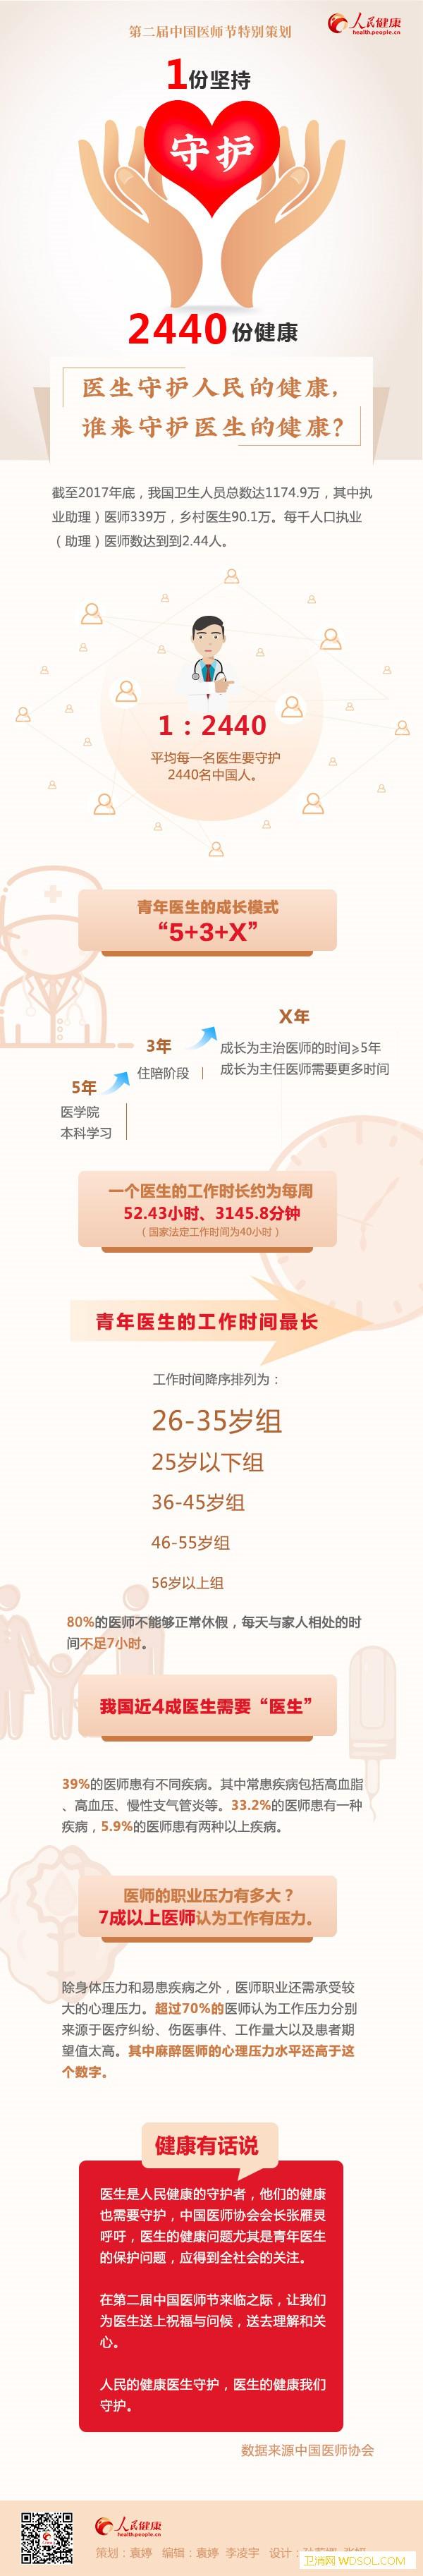 中国医师节特别策划:1份坚持守护2440份健_责编-医师-守护-健康